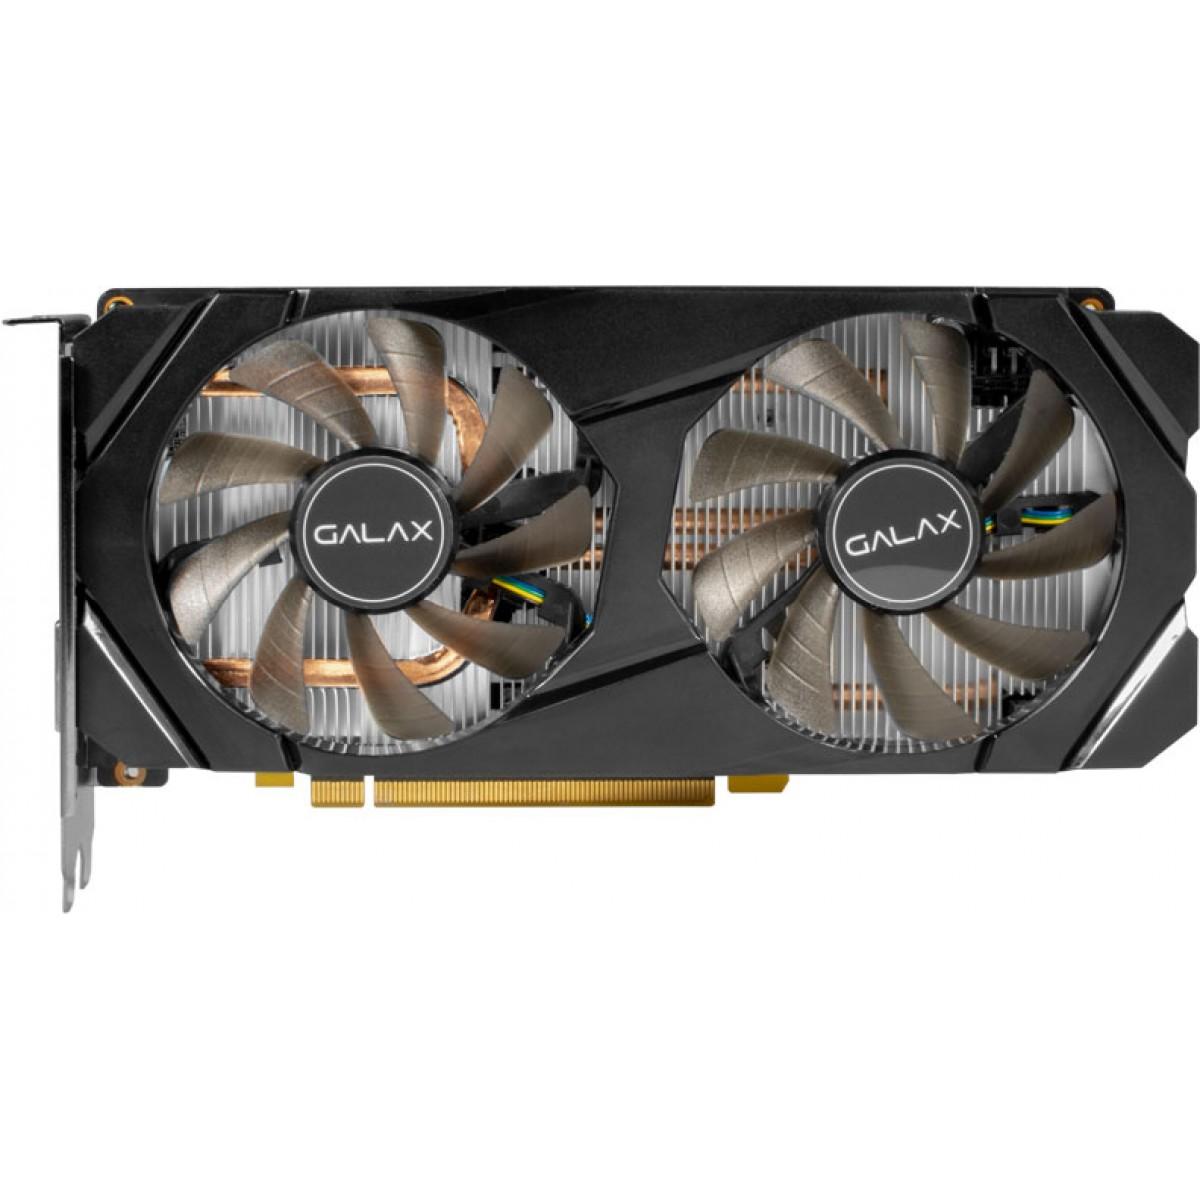 Placa de Vídeo Galax, GeForce, GTX 1660, 1-Click OC, Dual, 6GB, GDDR5, 192Bit, 60SRH7DSY91C